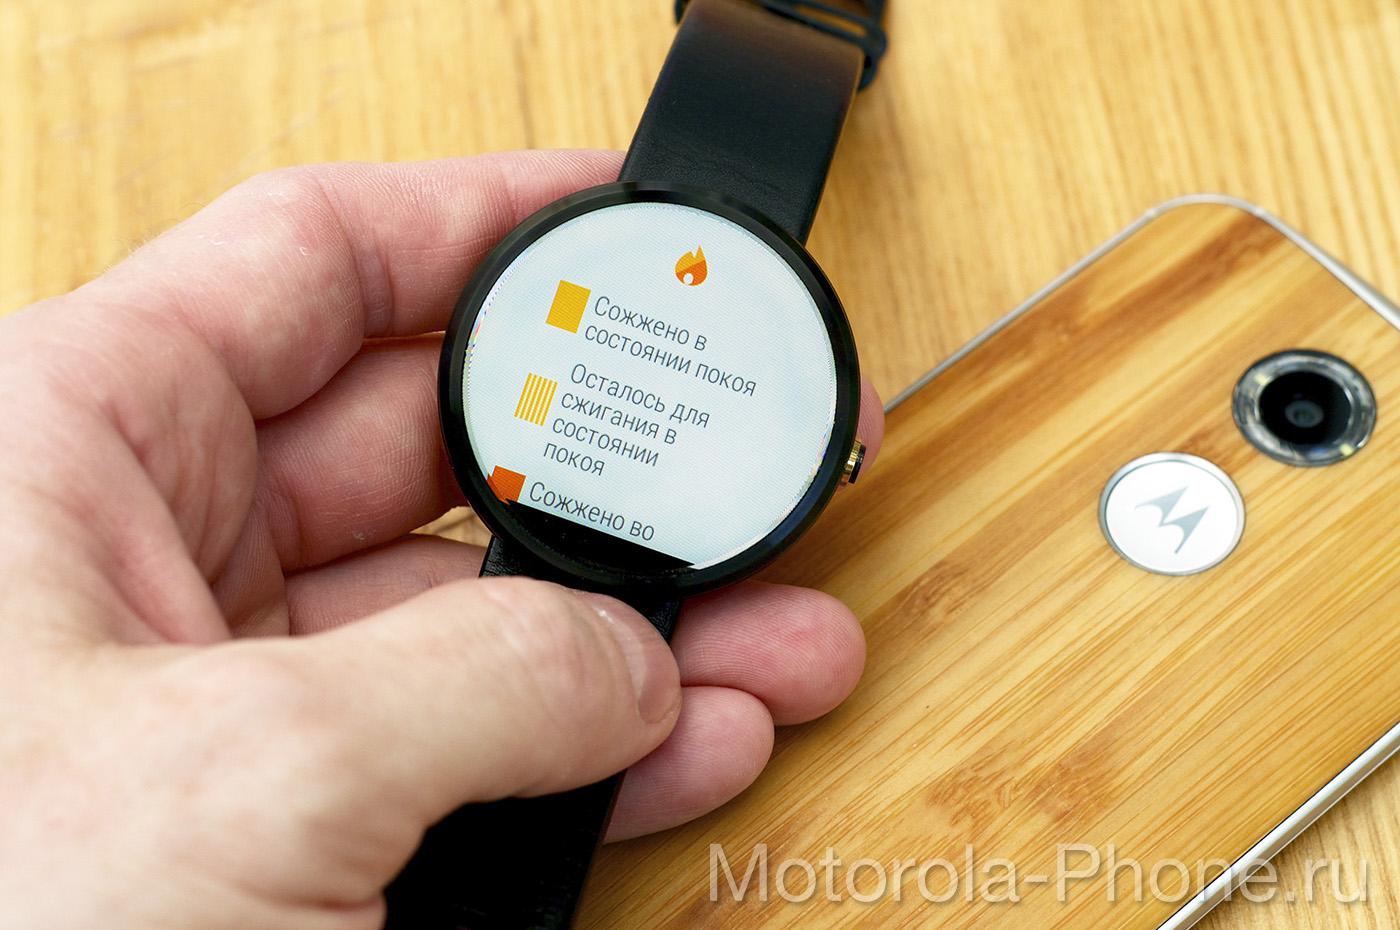 Motorola-Moto-360-Android-Wear-5-1-35 copy